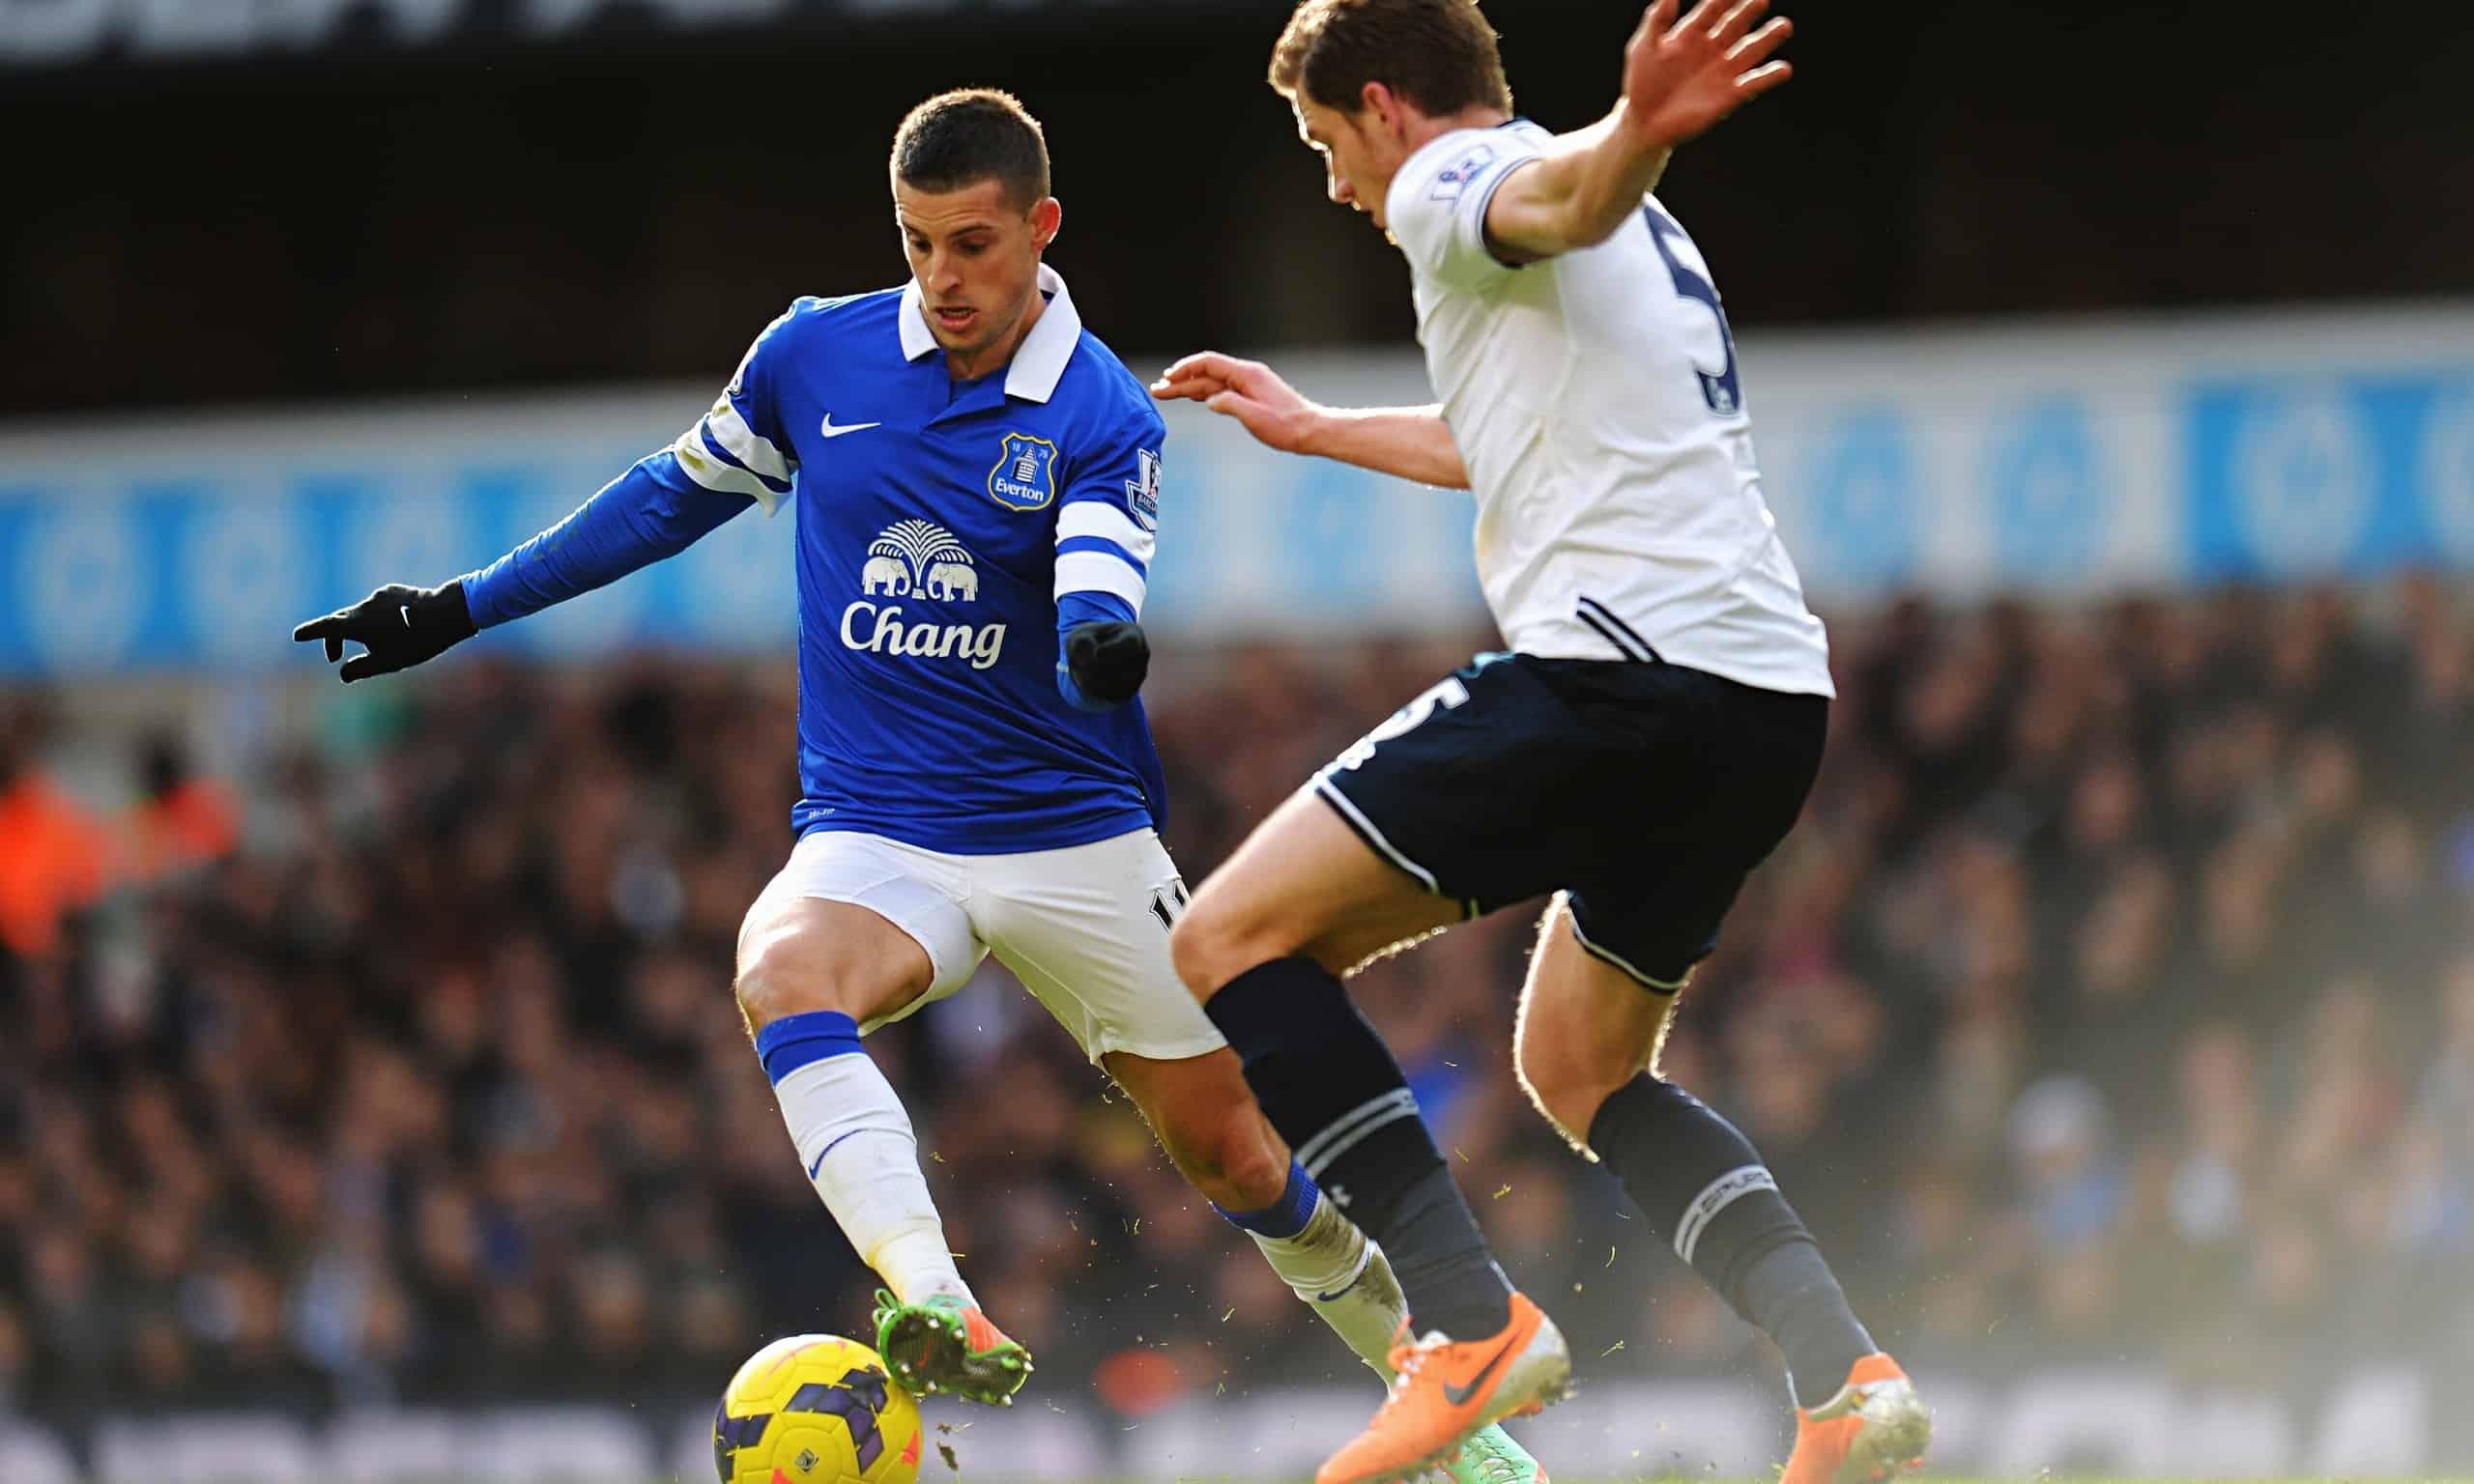 Kevin-Mirallas-Tottenham-Hotspur-Everton-Premier-League